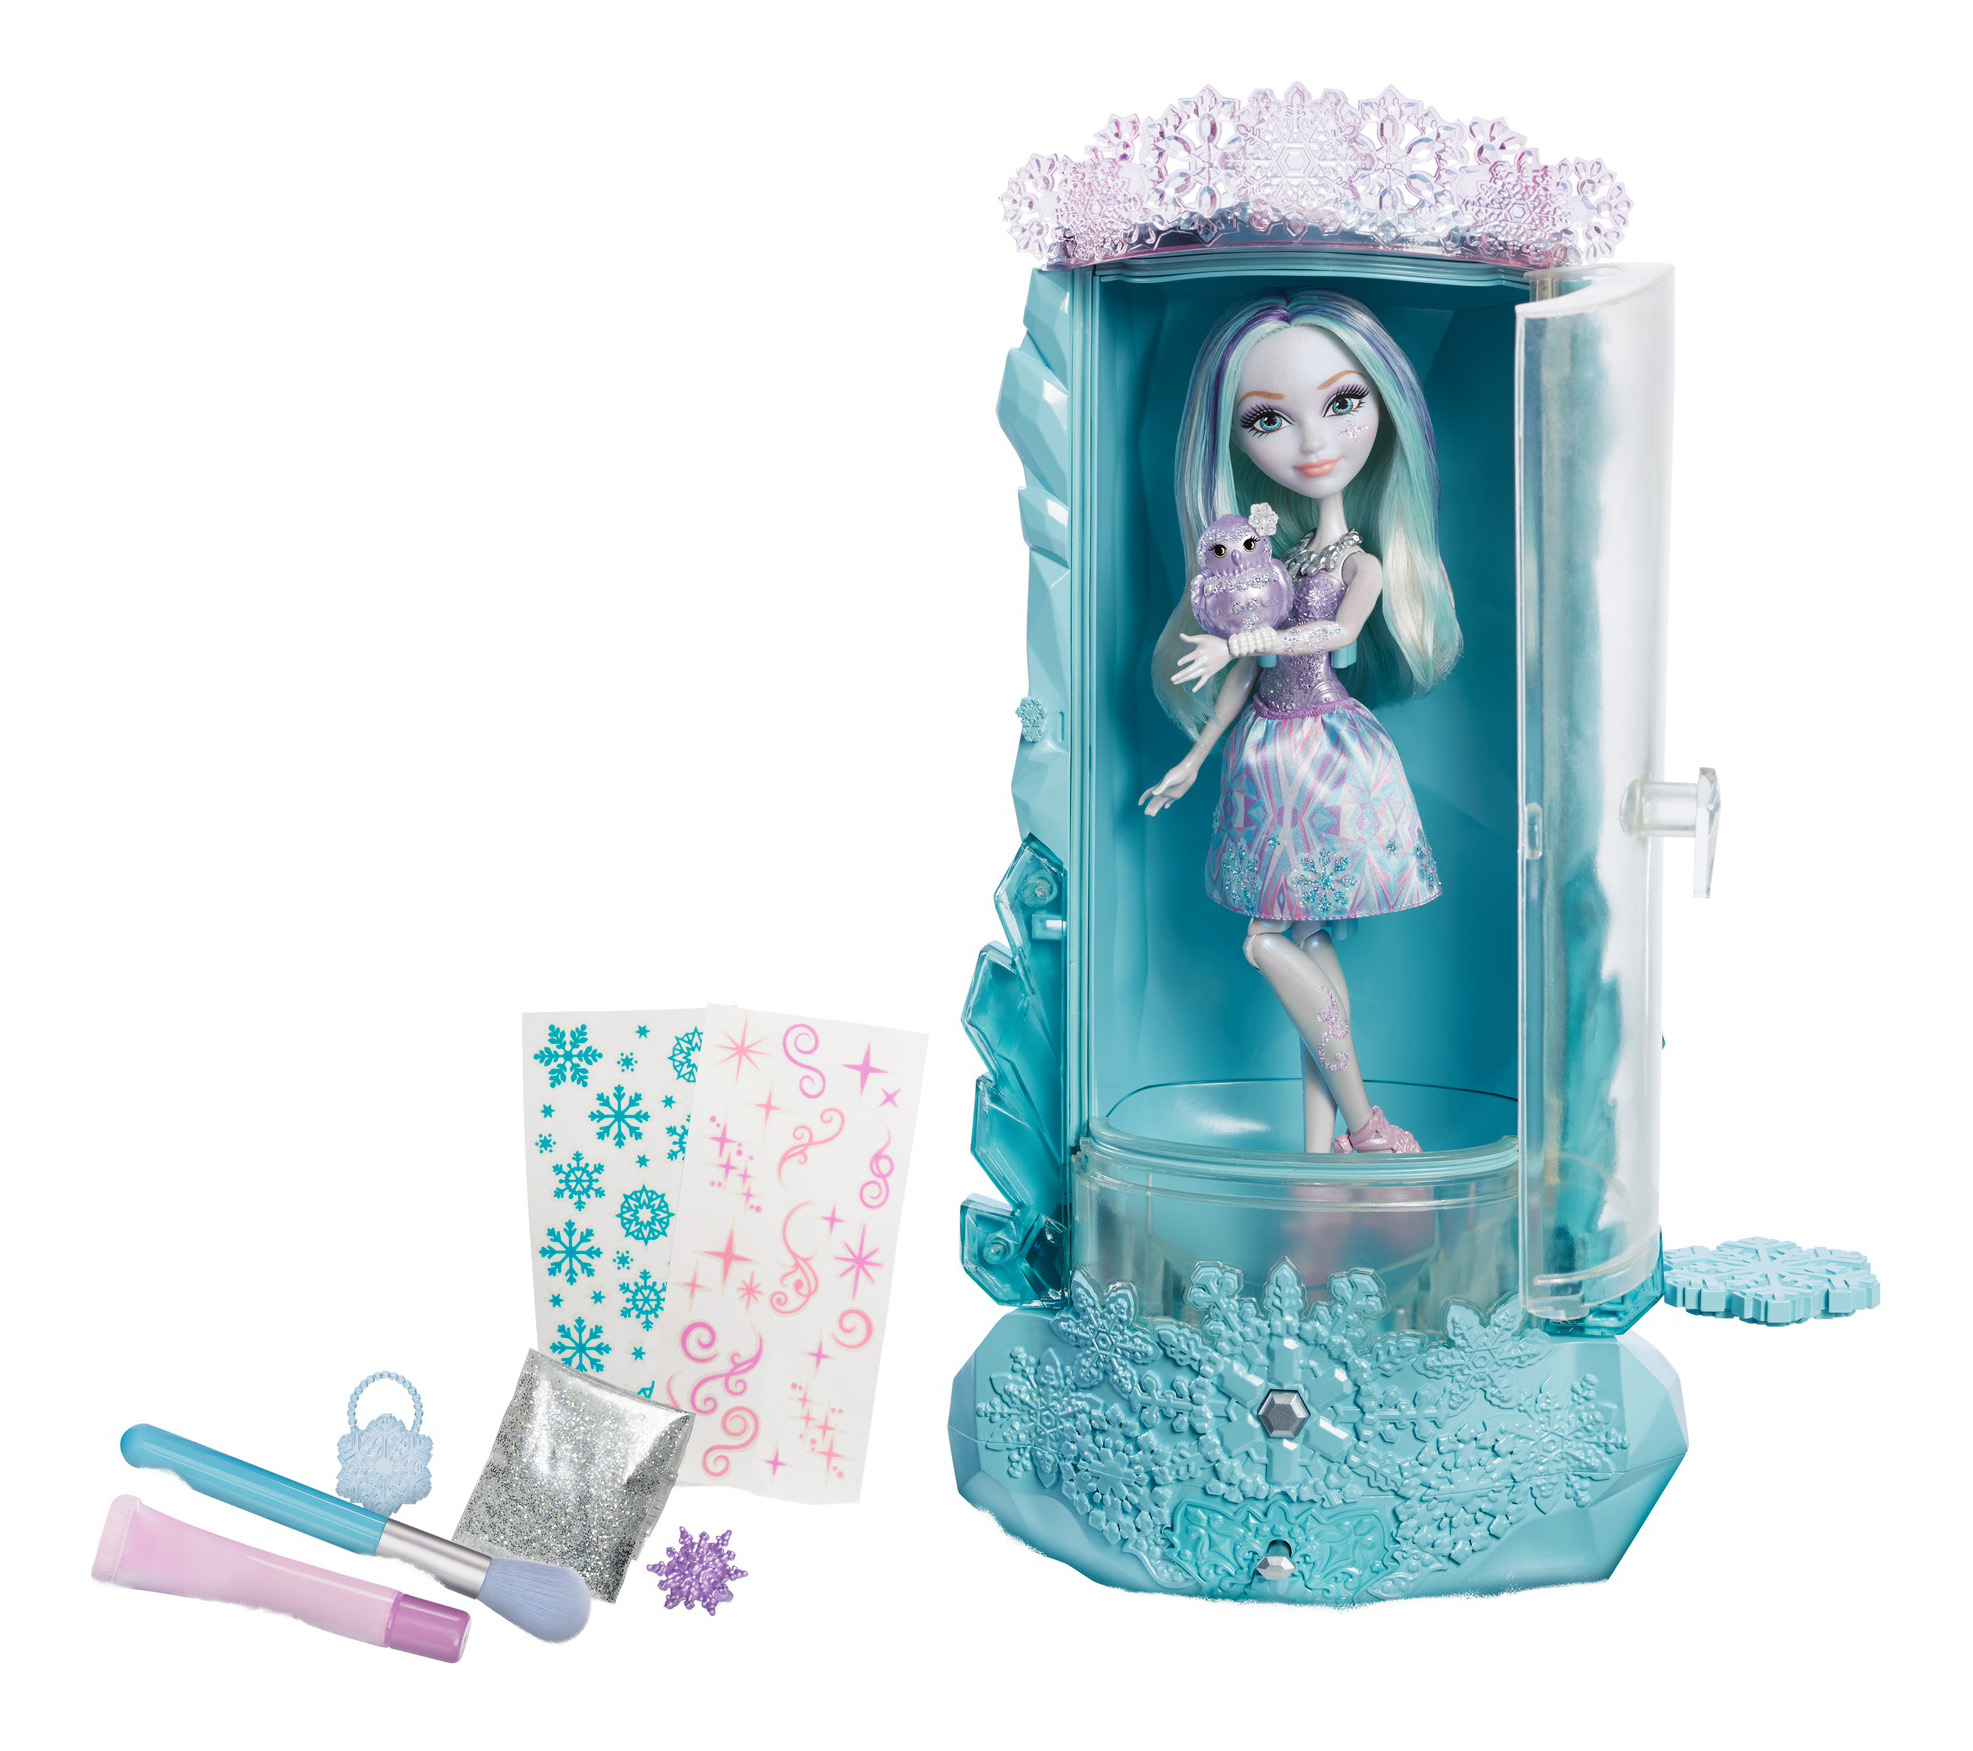 Купить Игровой набор Ever After High Блестящий вихрь из серии Заколдованная зима и Кукла, Куклы